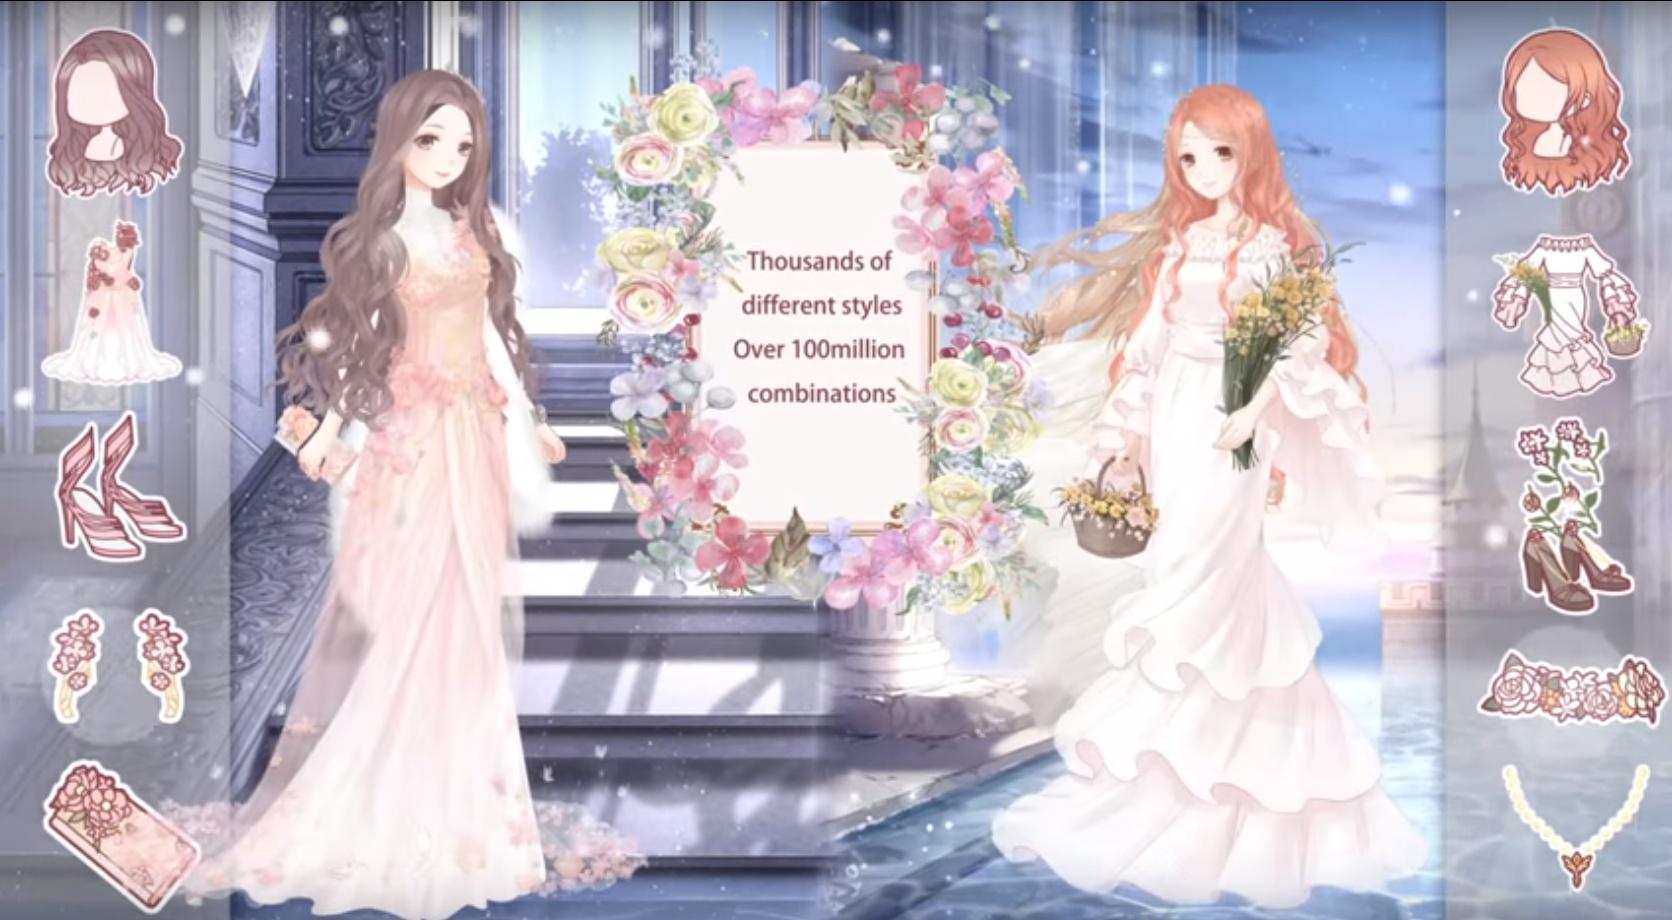 Nikki Dress UP Queen Kawaii Cute Anime Dressup Game